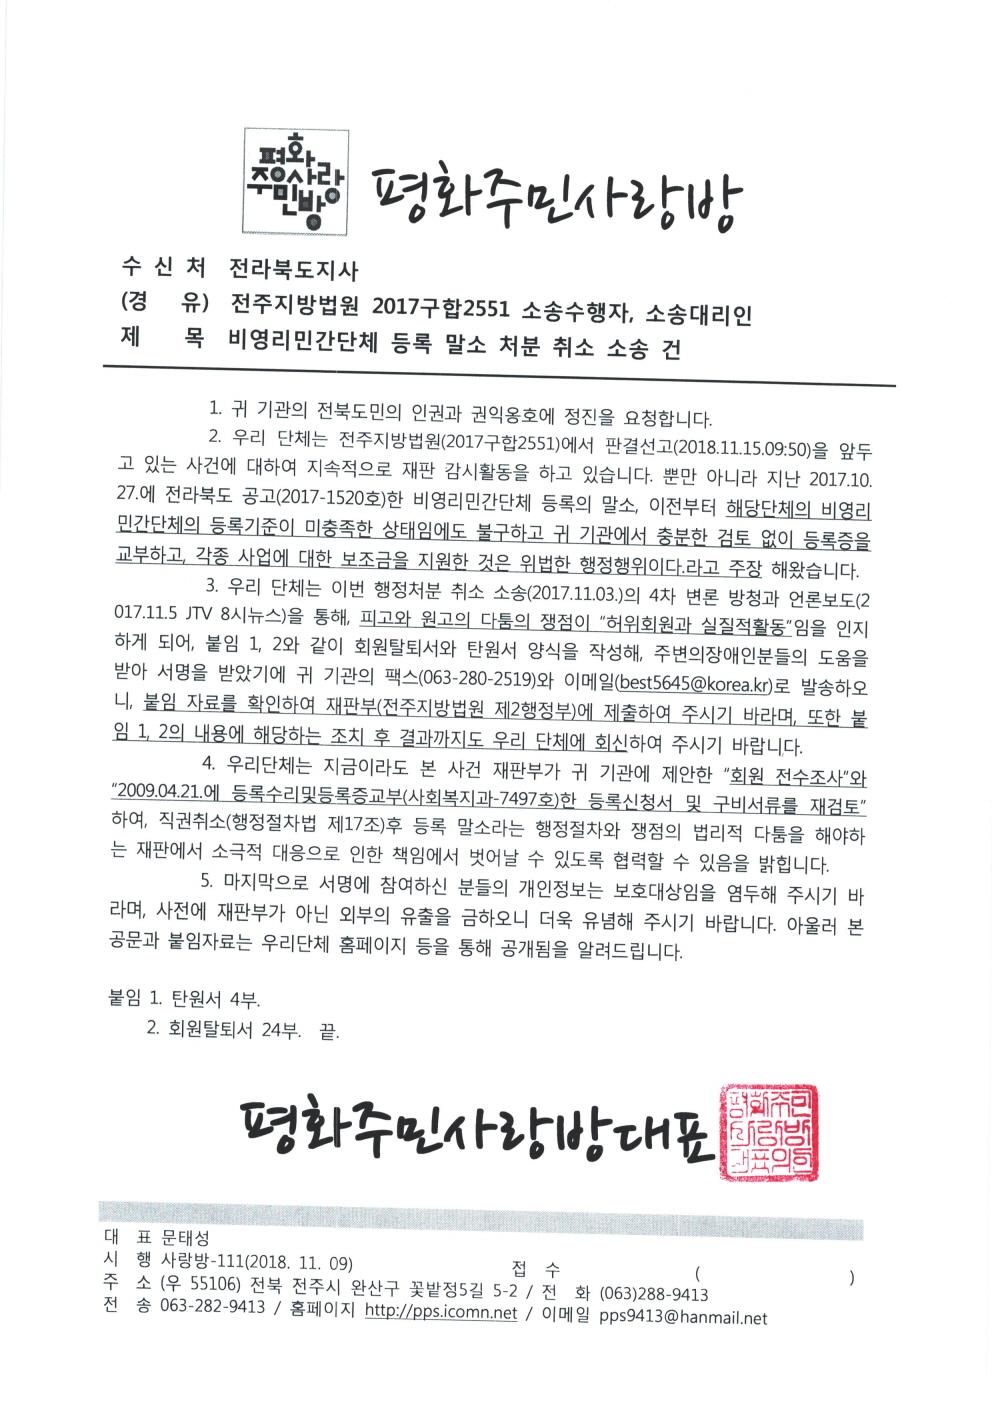 수정18.11.9_사랑방-111 공문(수신 전북도지사).jpg